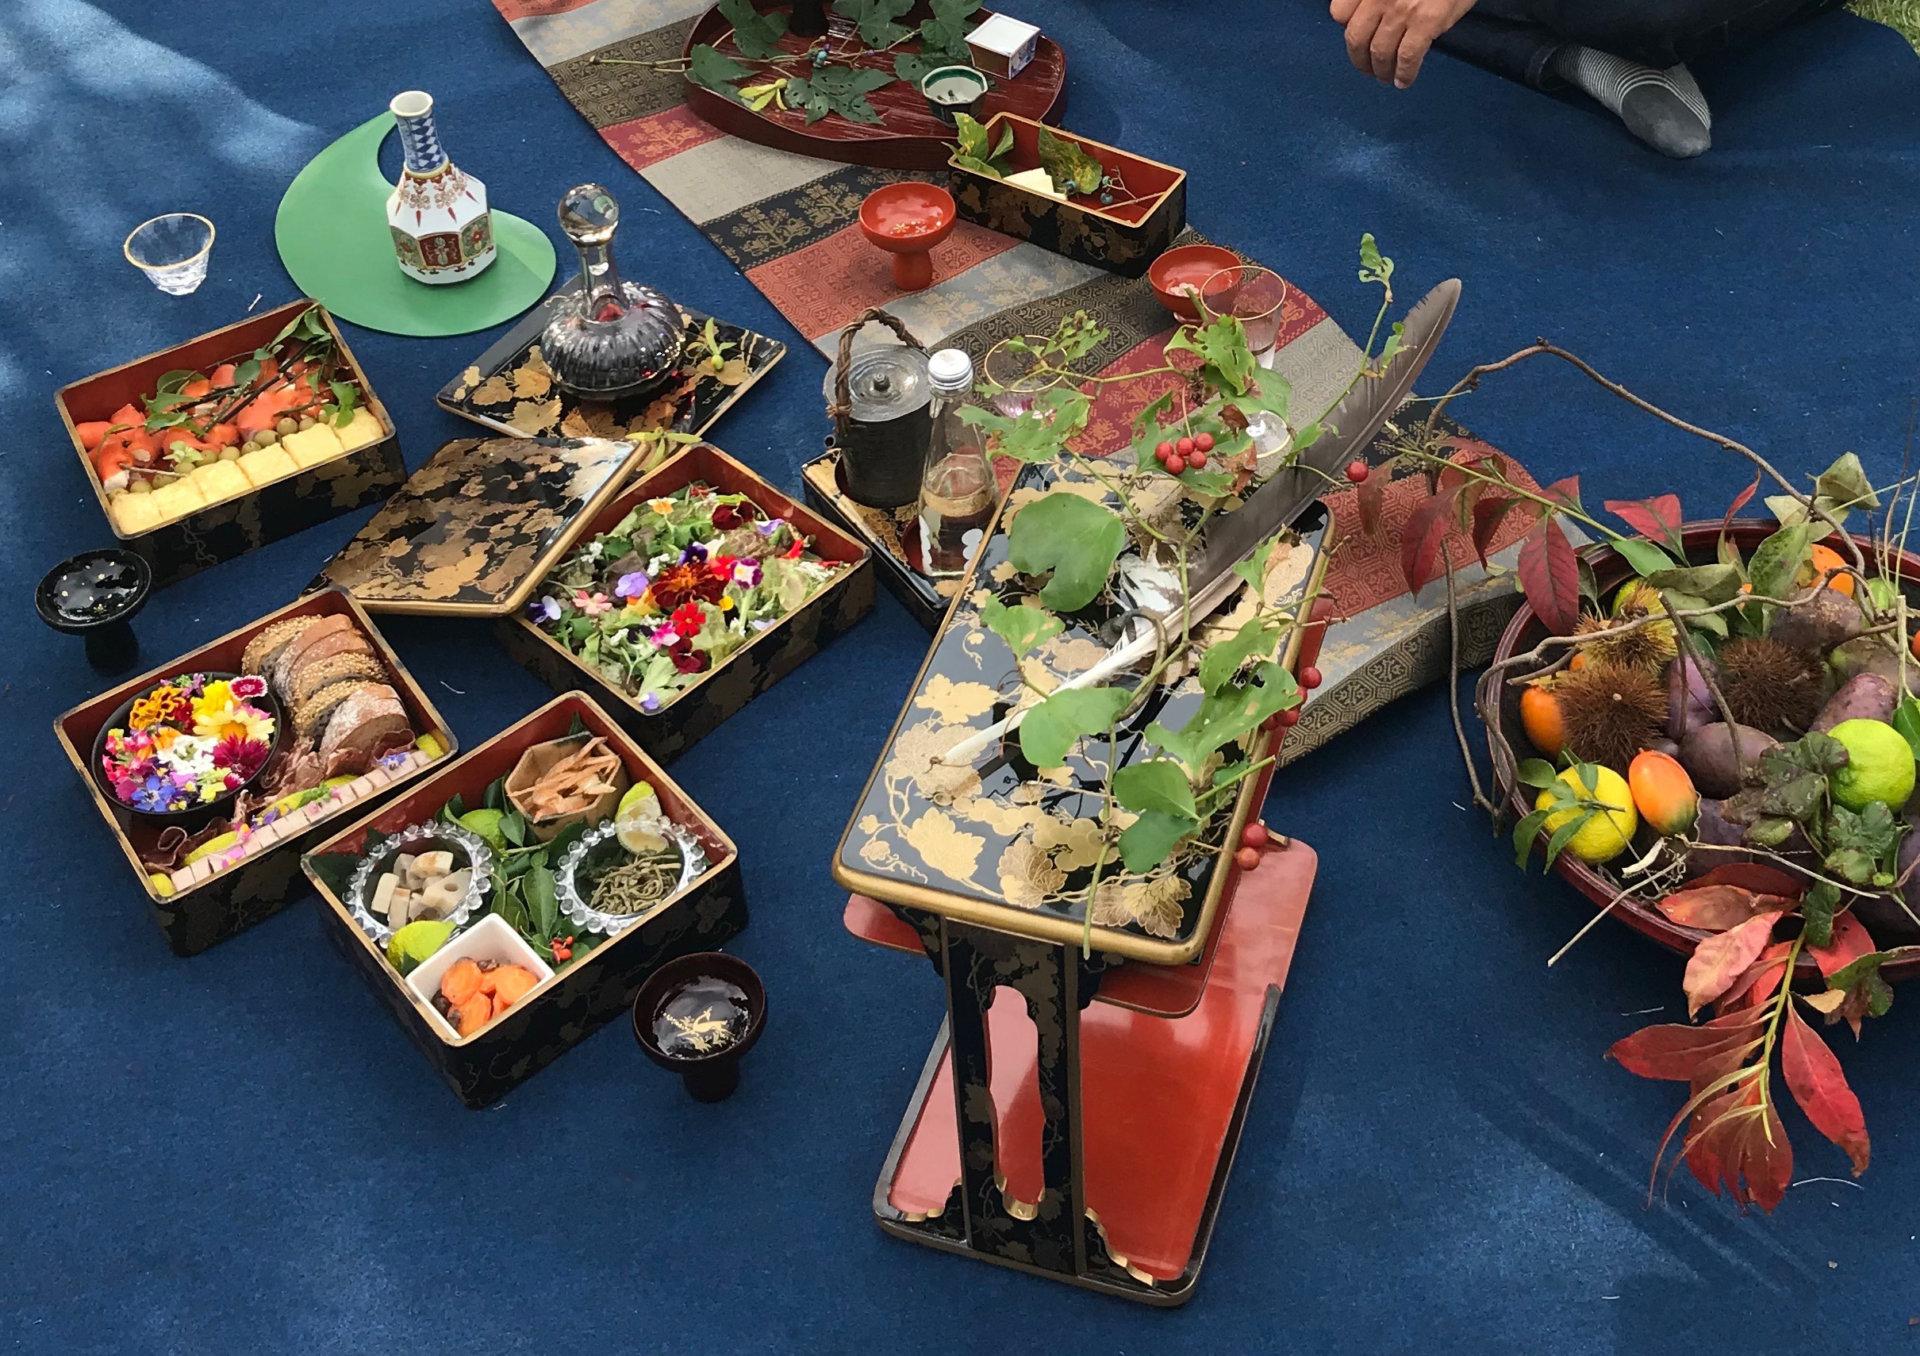 一般社団法人 ザ・クリエイション・オブ・ジャパンが昨年開催した「工芸ピクニック」での一コマ。食材を入れることで漆器も映えます